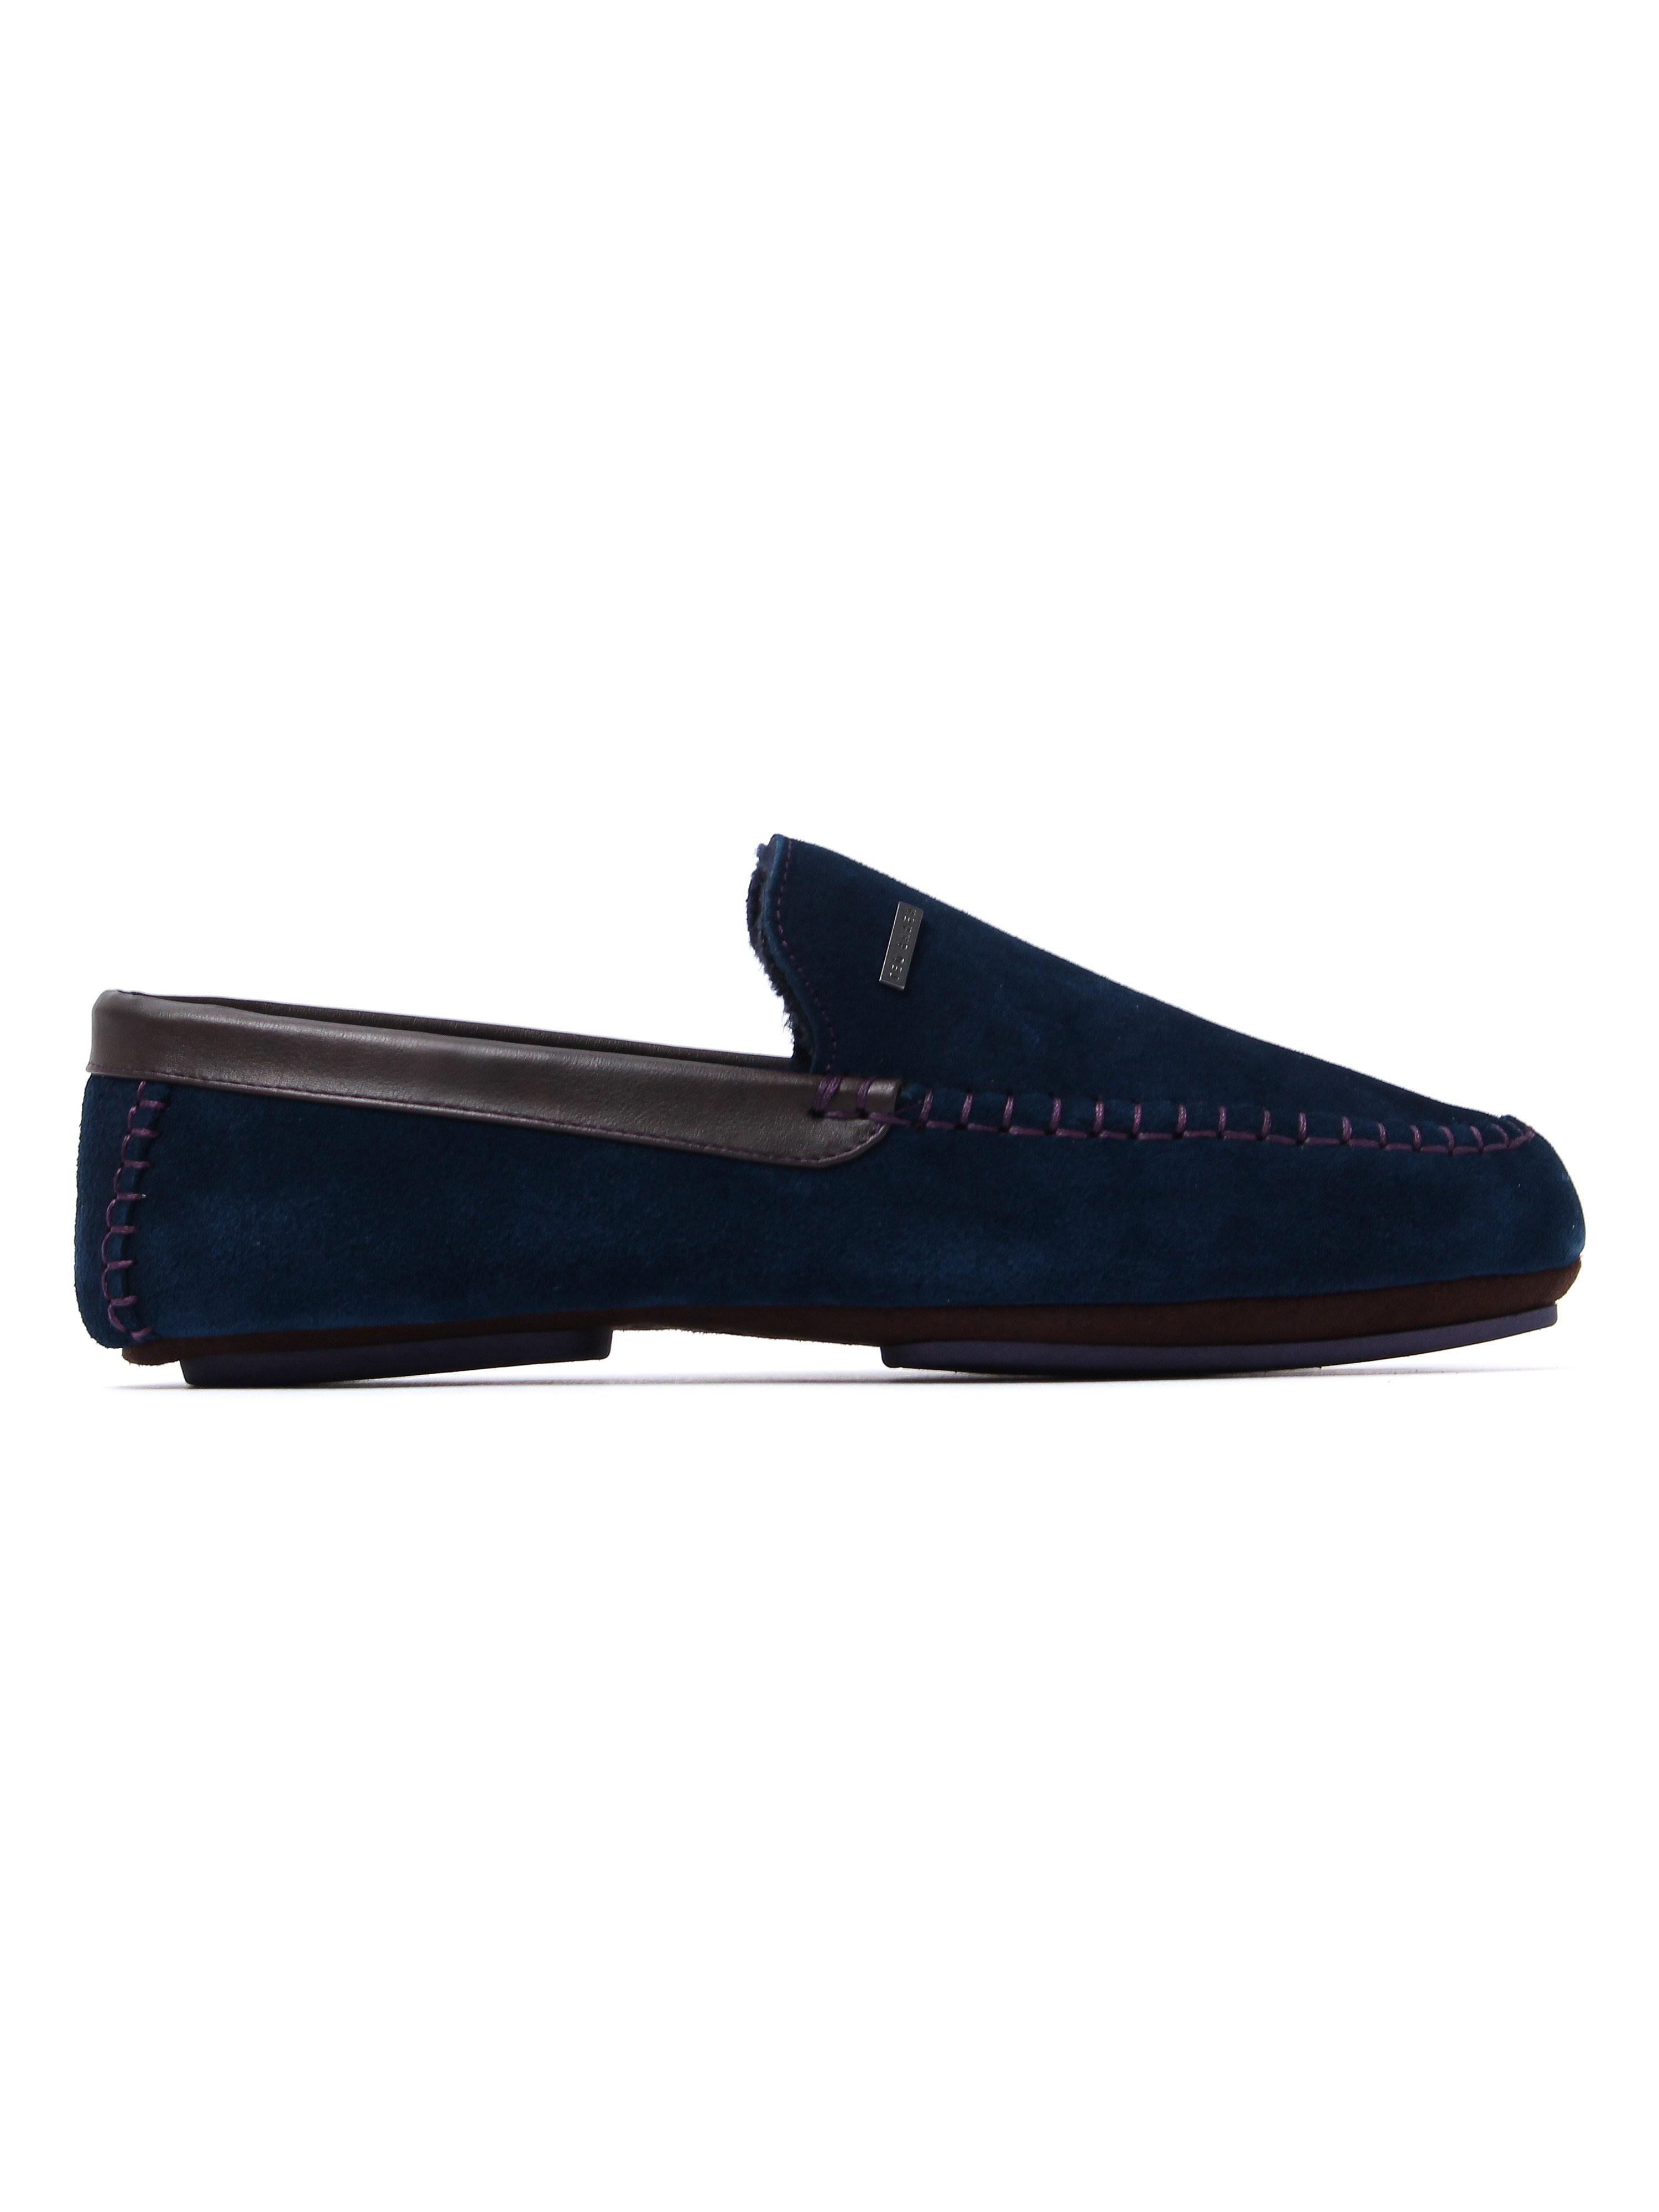 Ted Baker Men's Moriss 2 Slippers - Dark Blue Suede